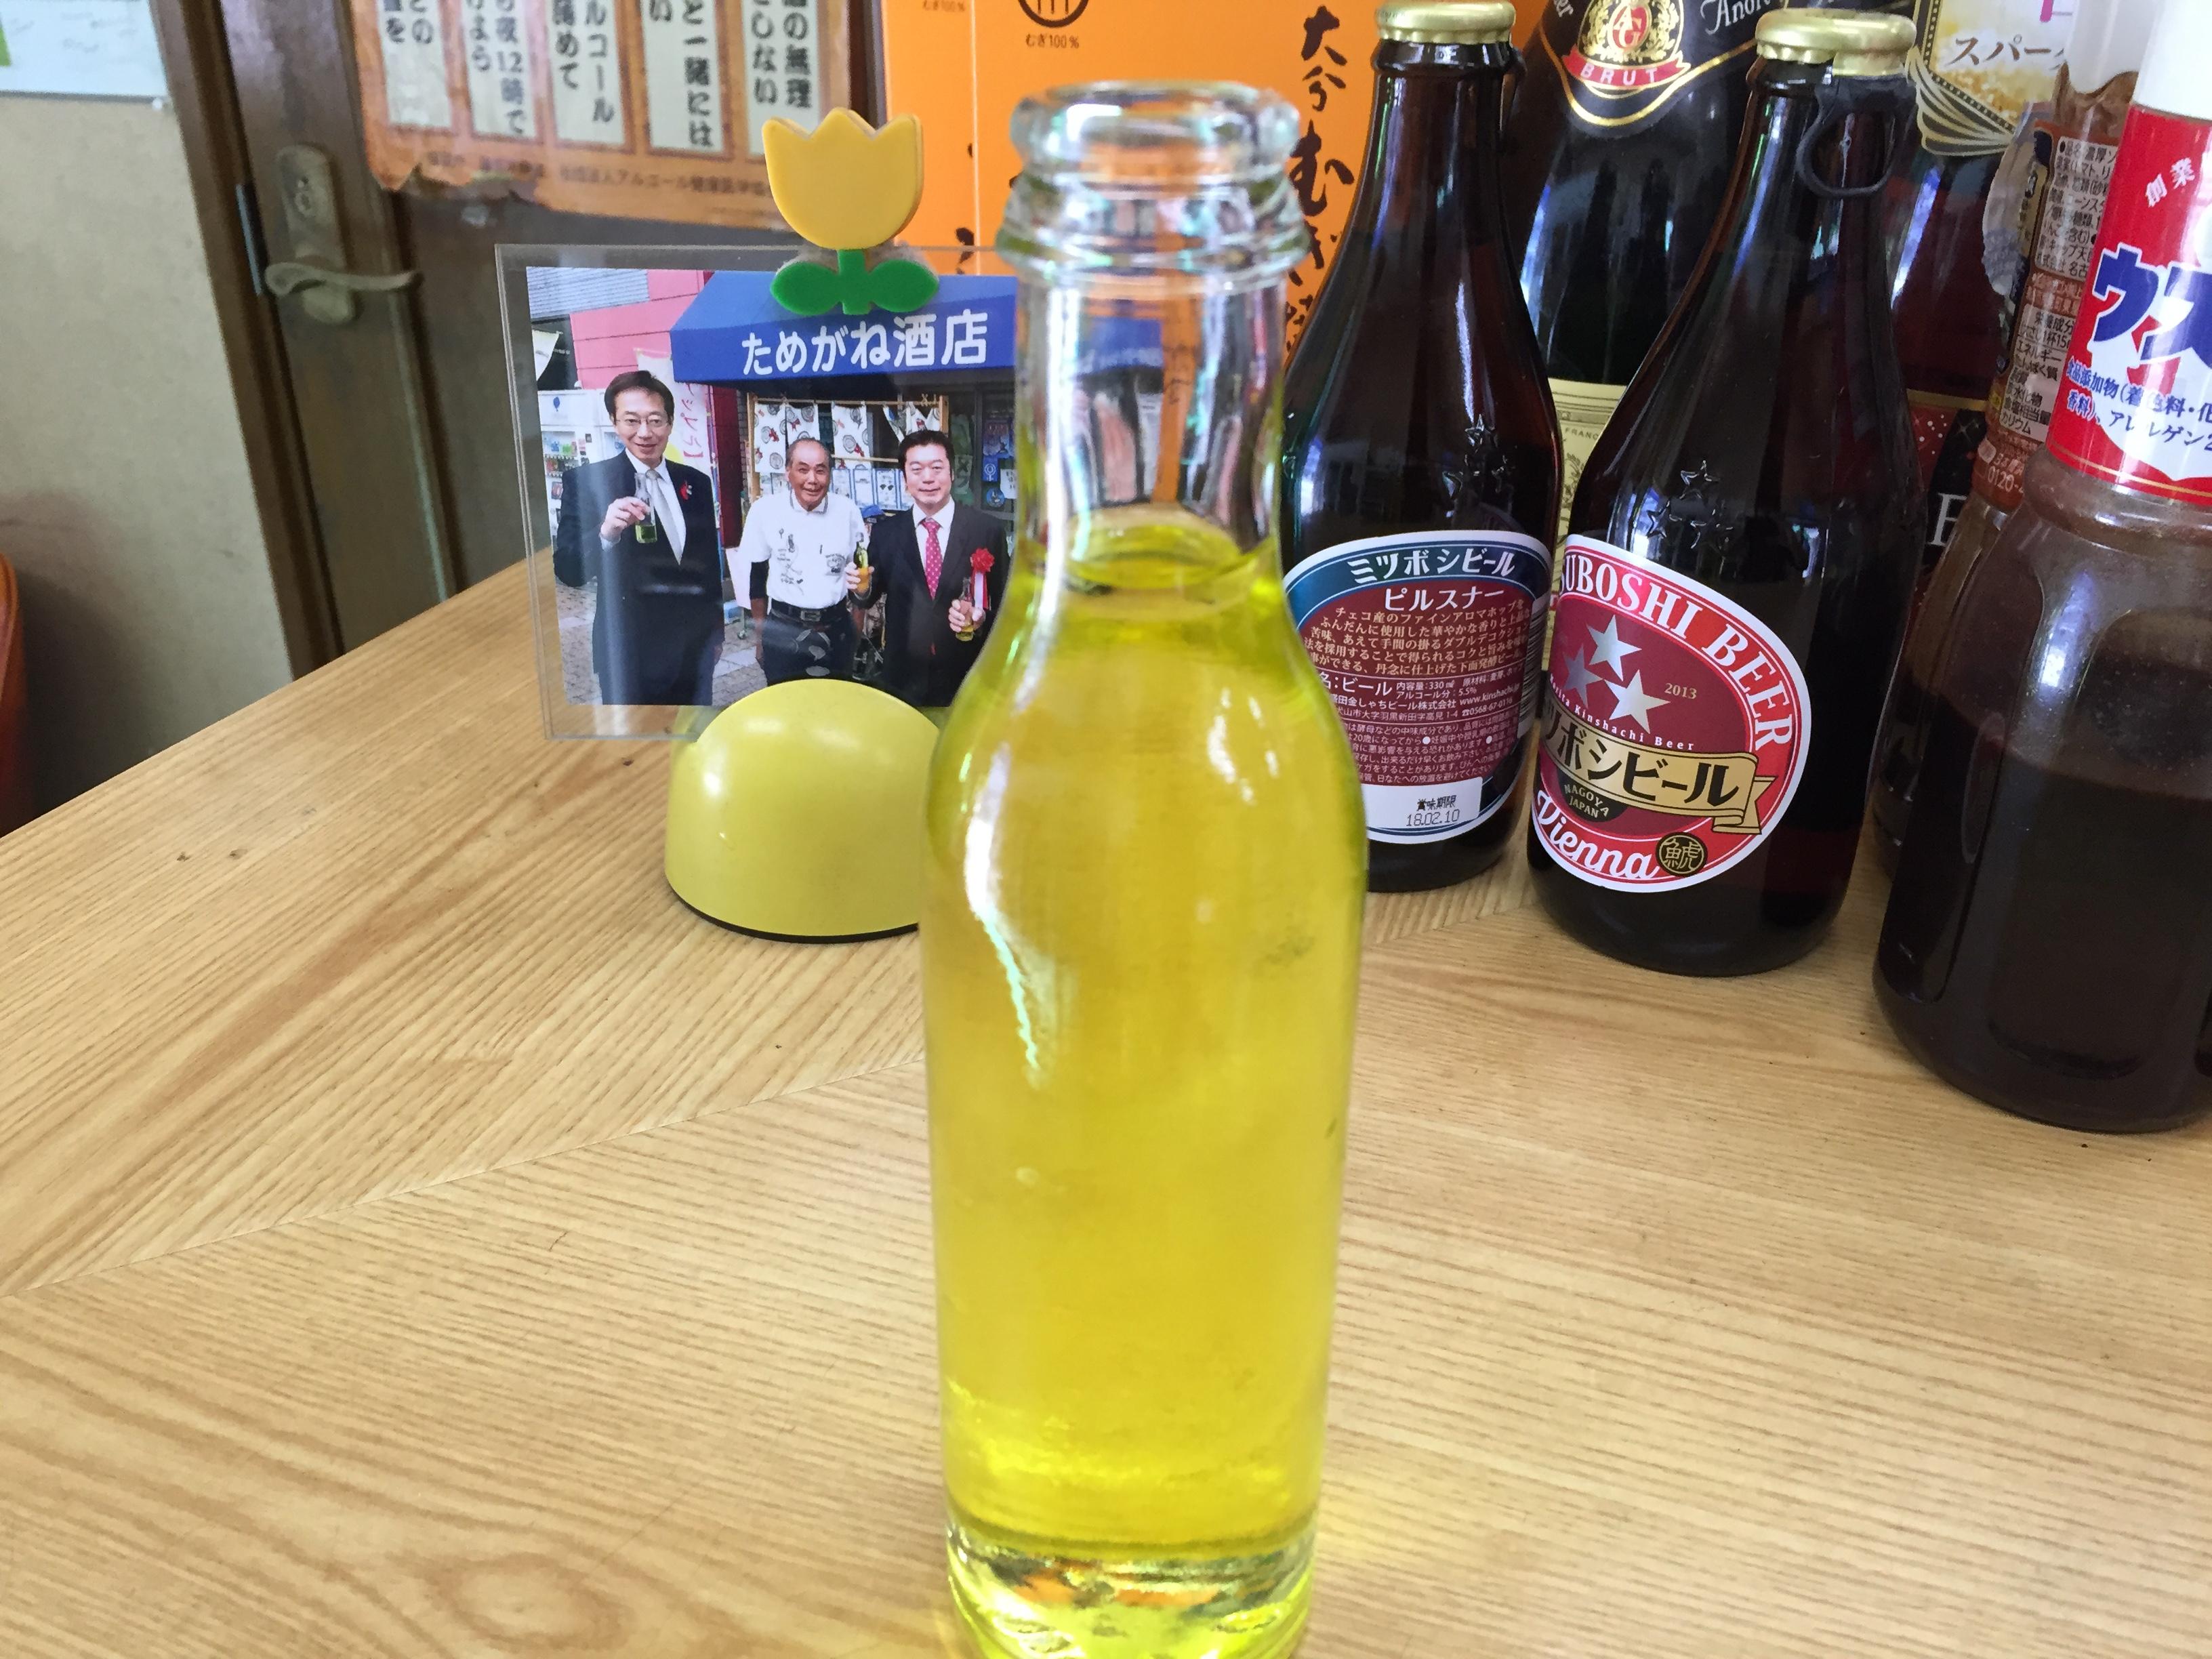 神戸のソウル飲料「アップル」を新長田・ためがね酒店で味わってみた! #アップル #新長田 #ためがね酒店 #兵庫鉱泉所